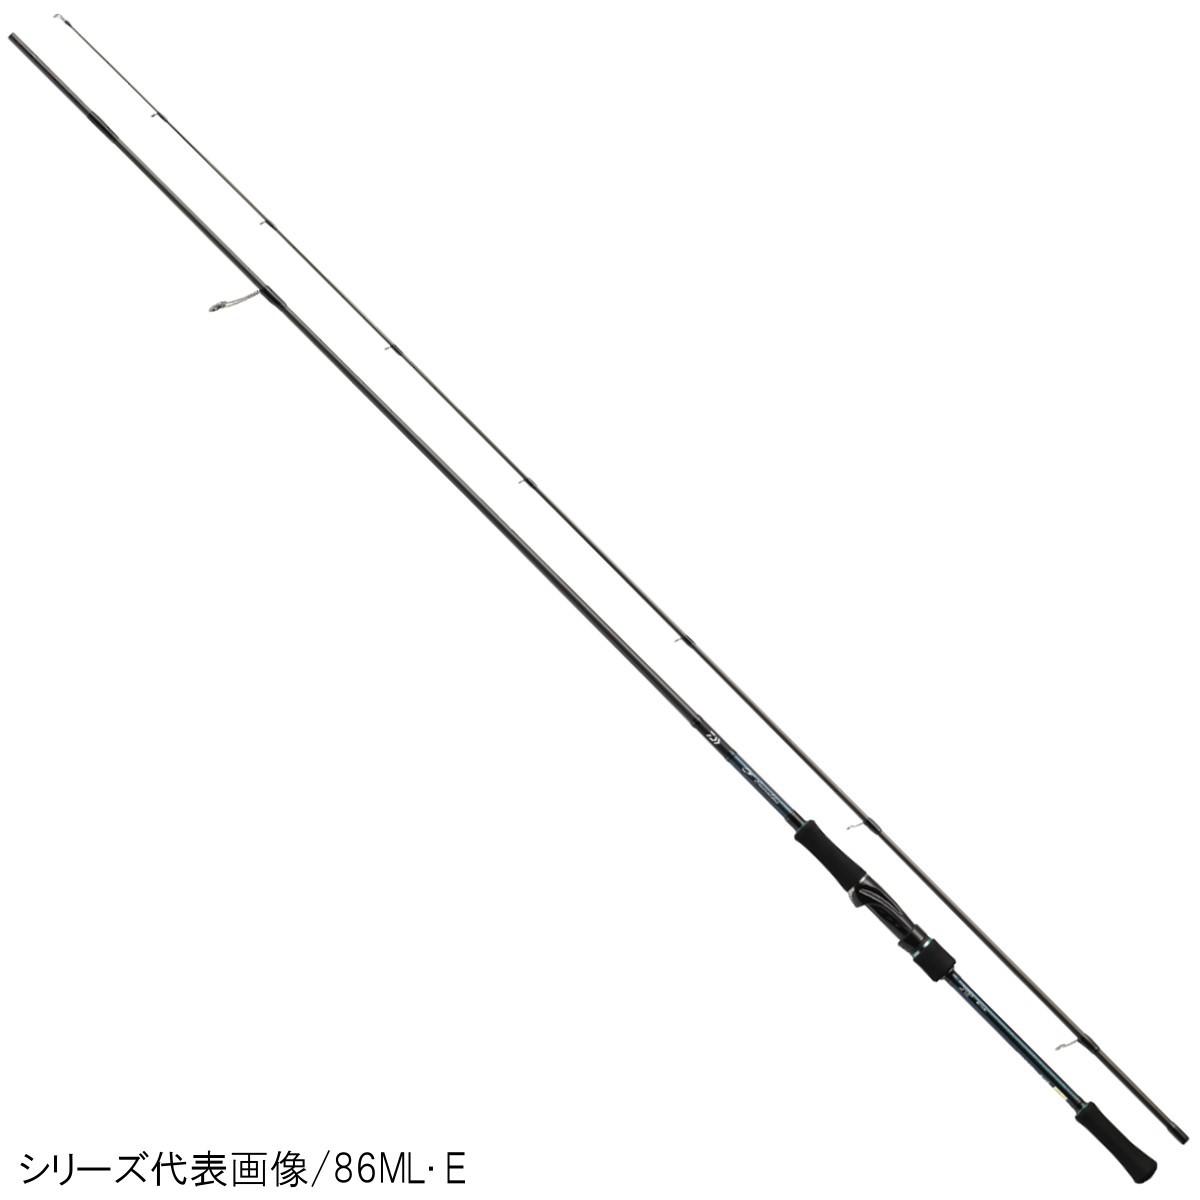 ダイワ エメラルダス MX(アウトガイドモデル) 86M・E